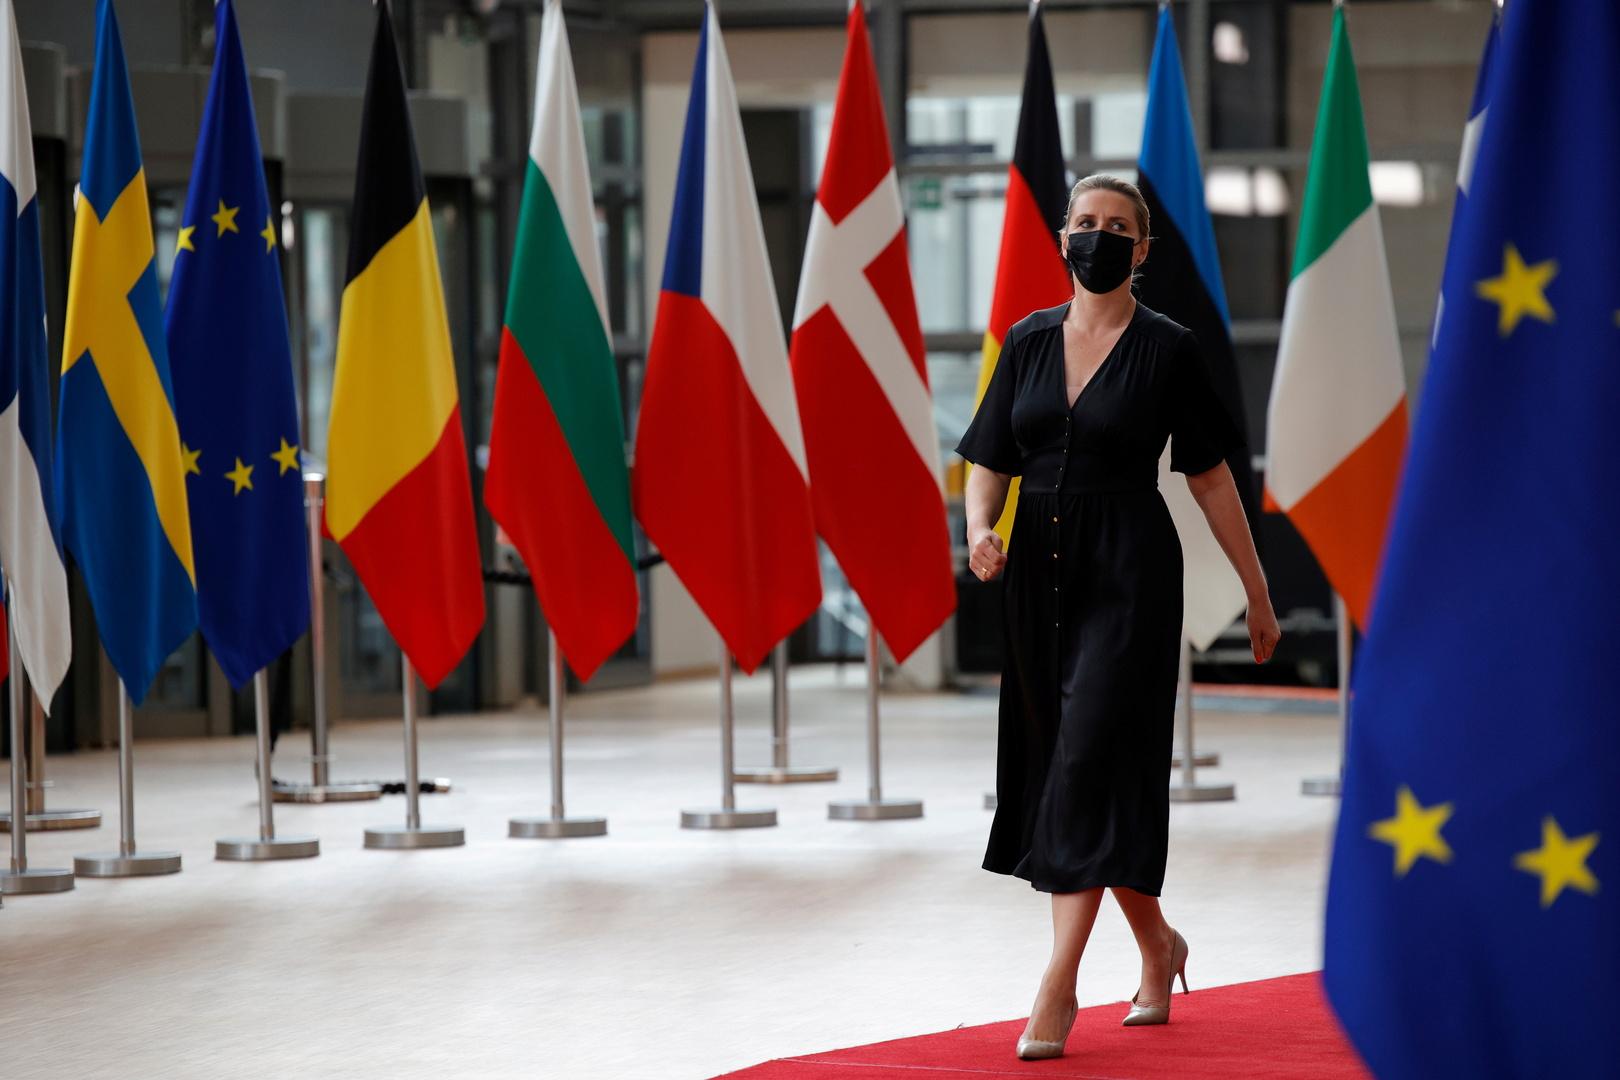 قمة الاتحاد الأوروبي تمدد العقوبات الاقتصادية ضد روسيا لنصف عام